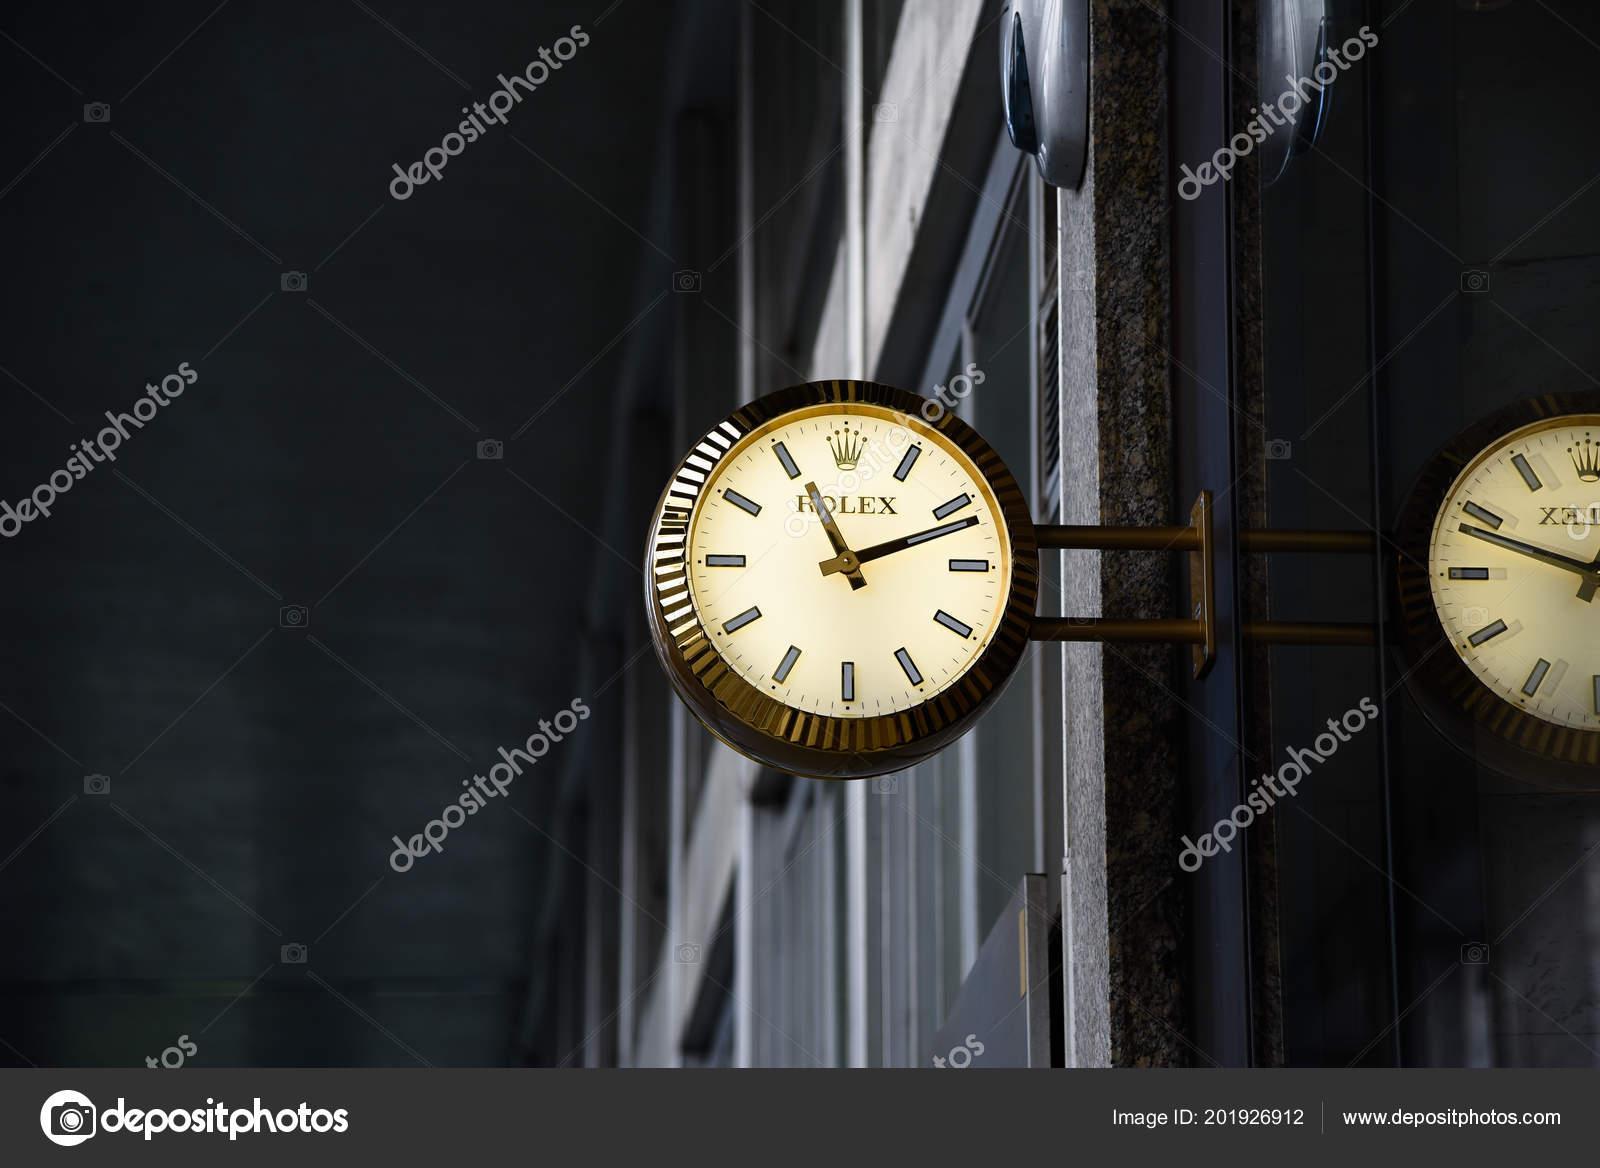 fd21067c81aa15 Milano, Italia - 25 maggio 2018: Orologio Rolex pubblicizza all'ingresso il negozio  di orologi — Foto di pedrolino.stan@gmail.com